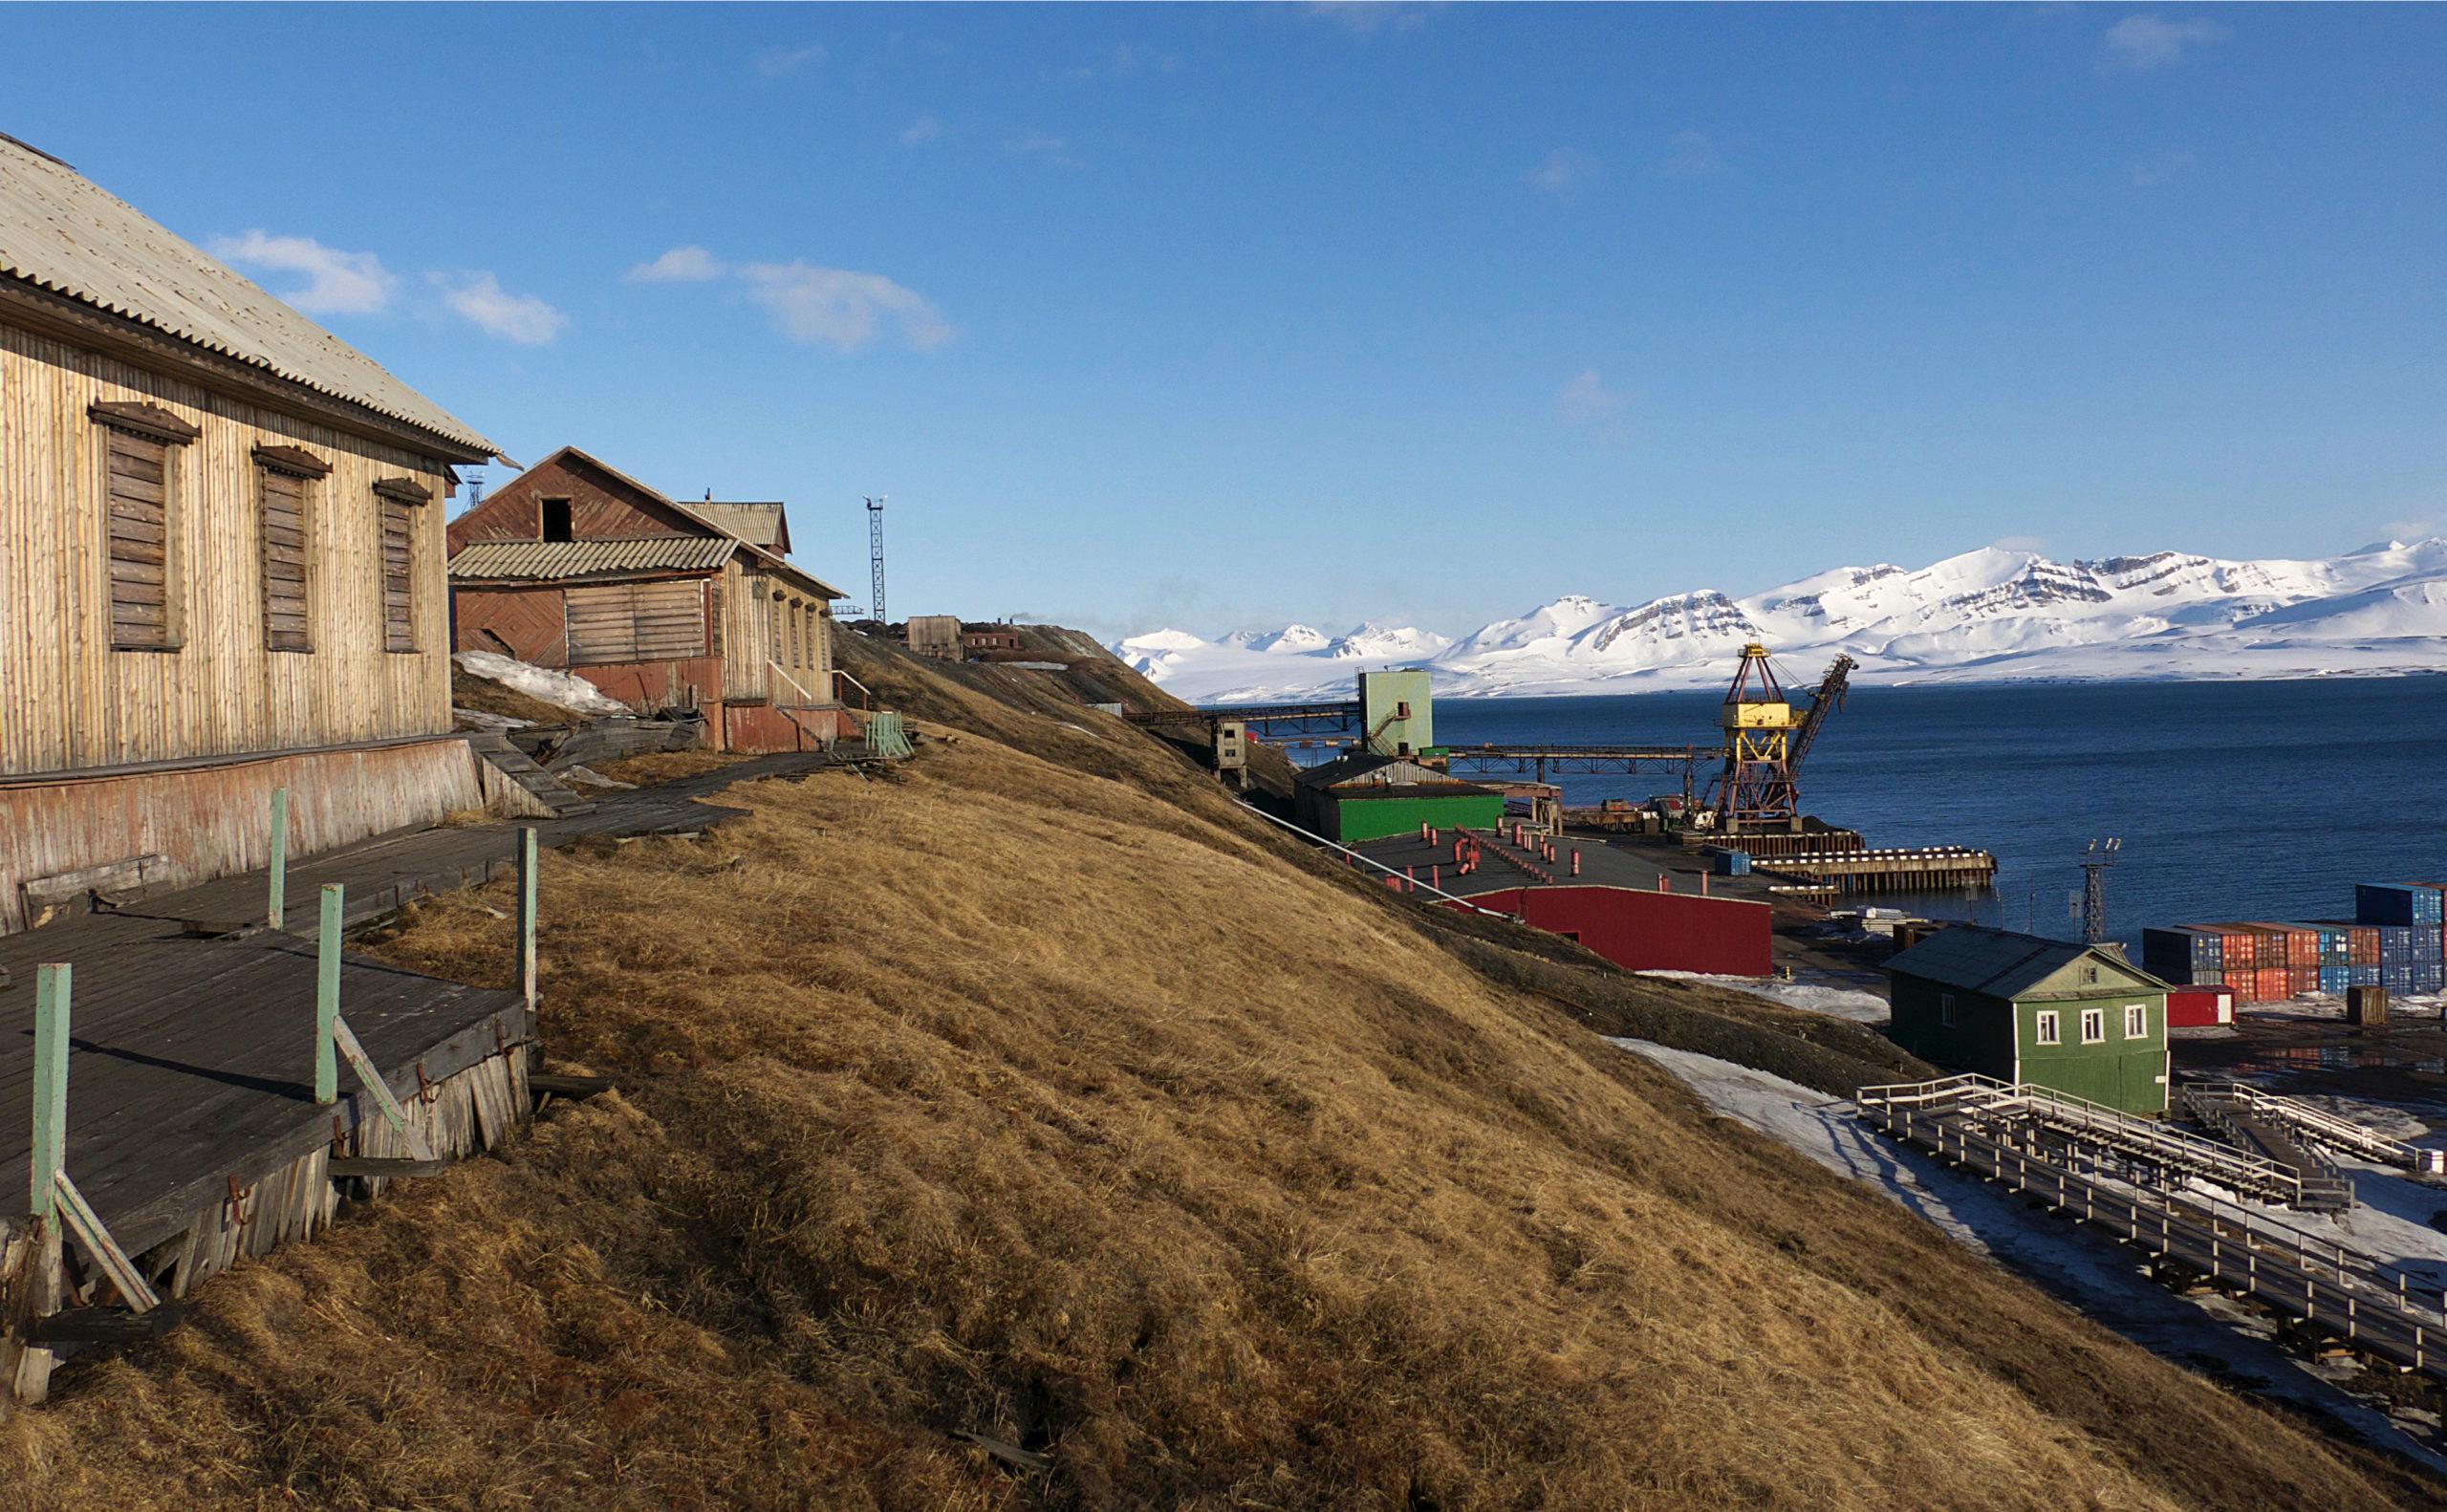 Heliski-Russia-Archipel-Svalbard-10-scaled